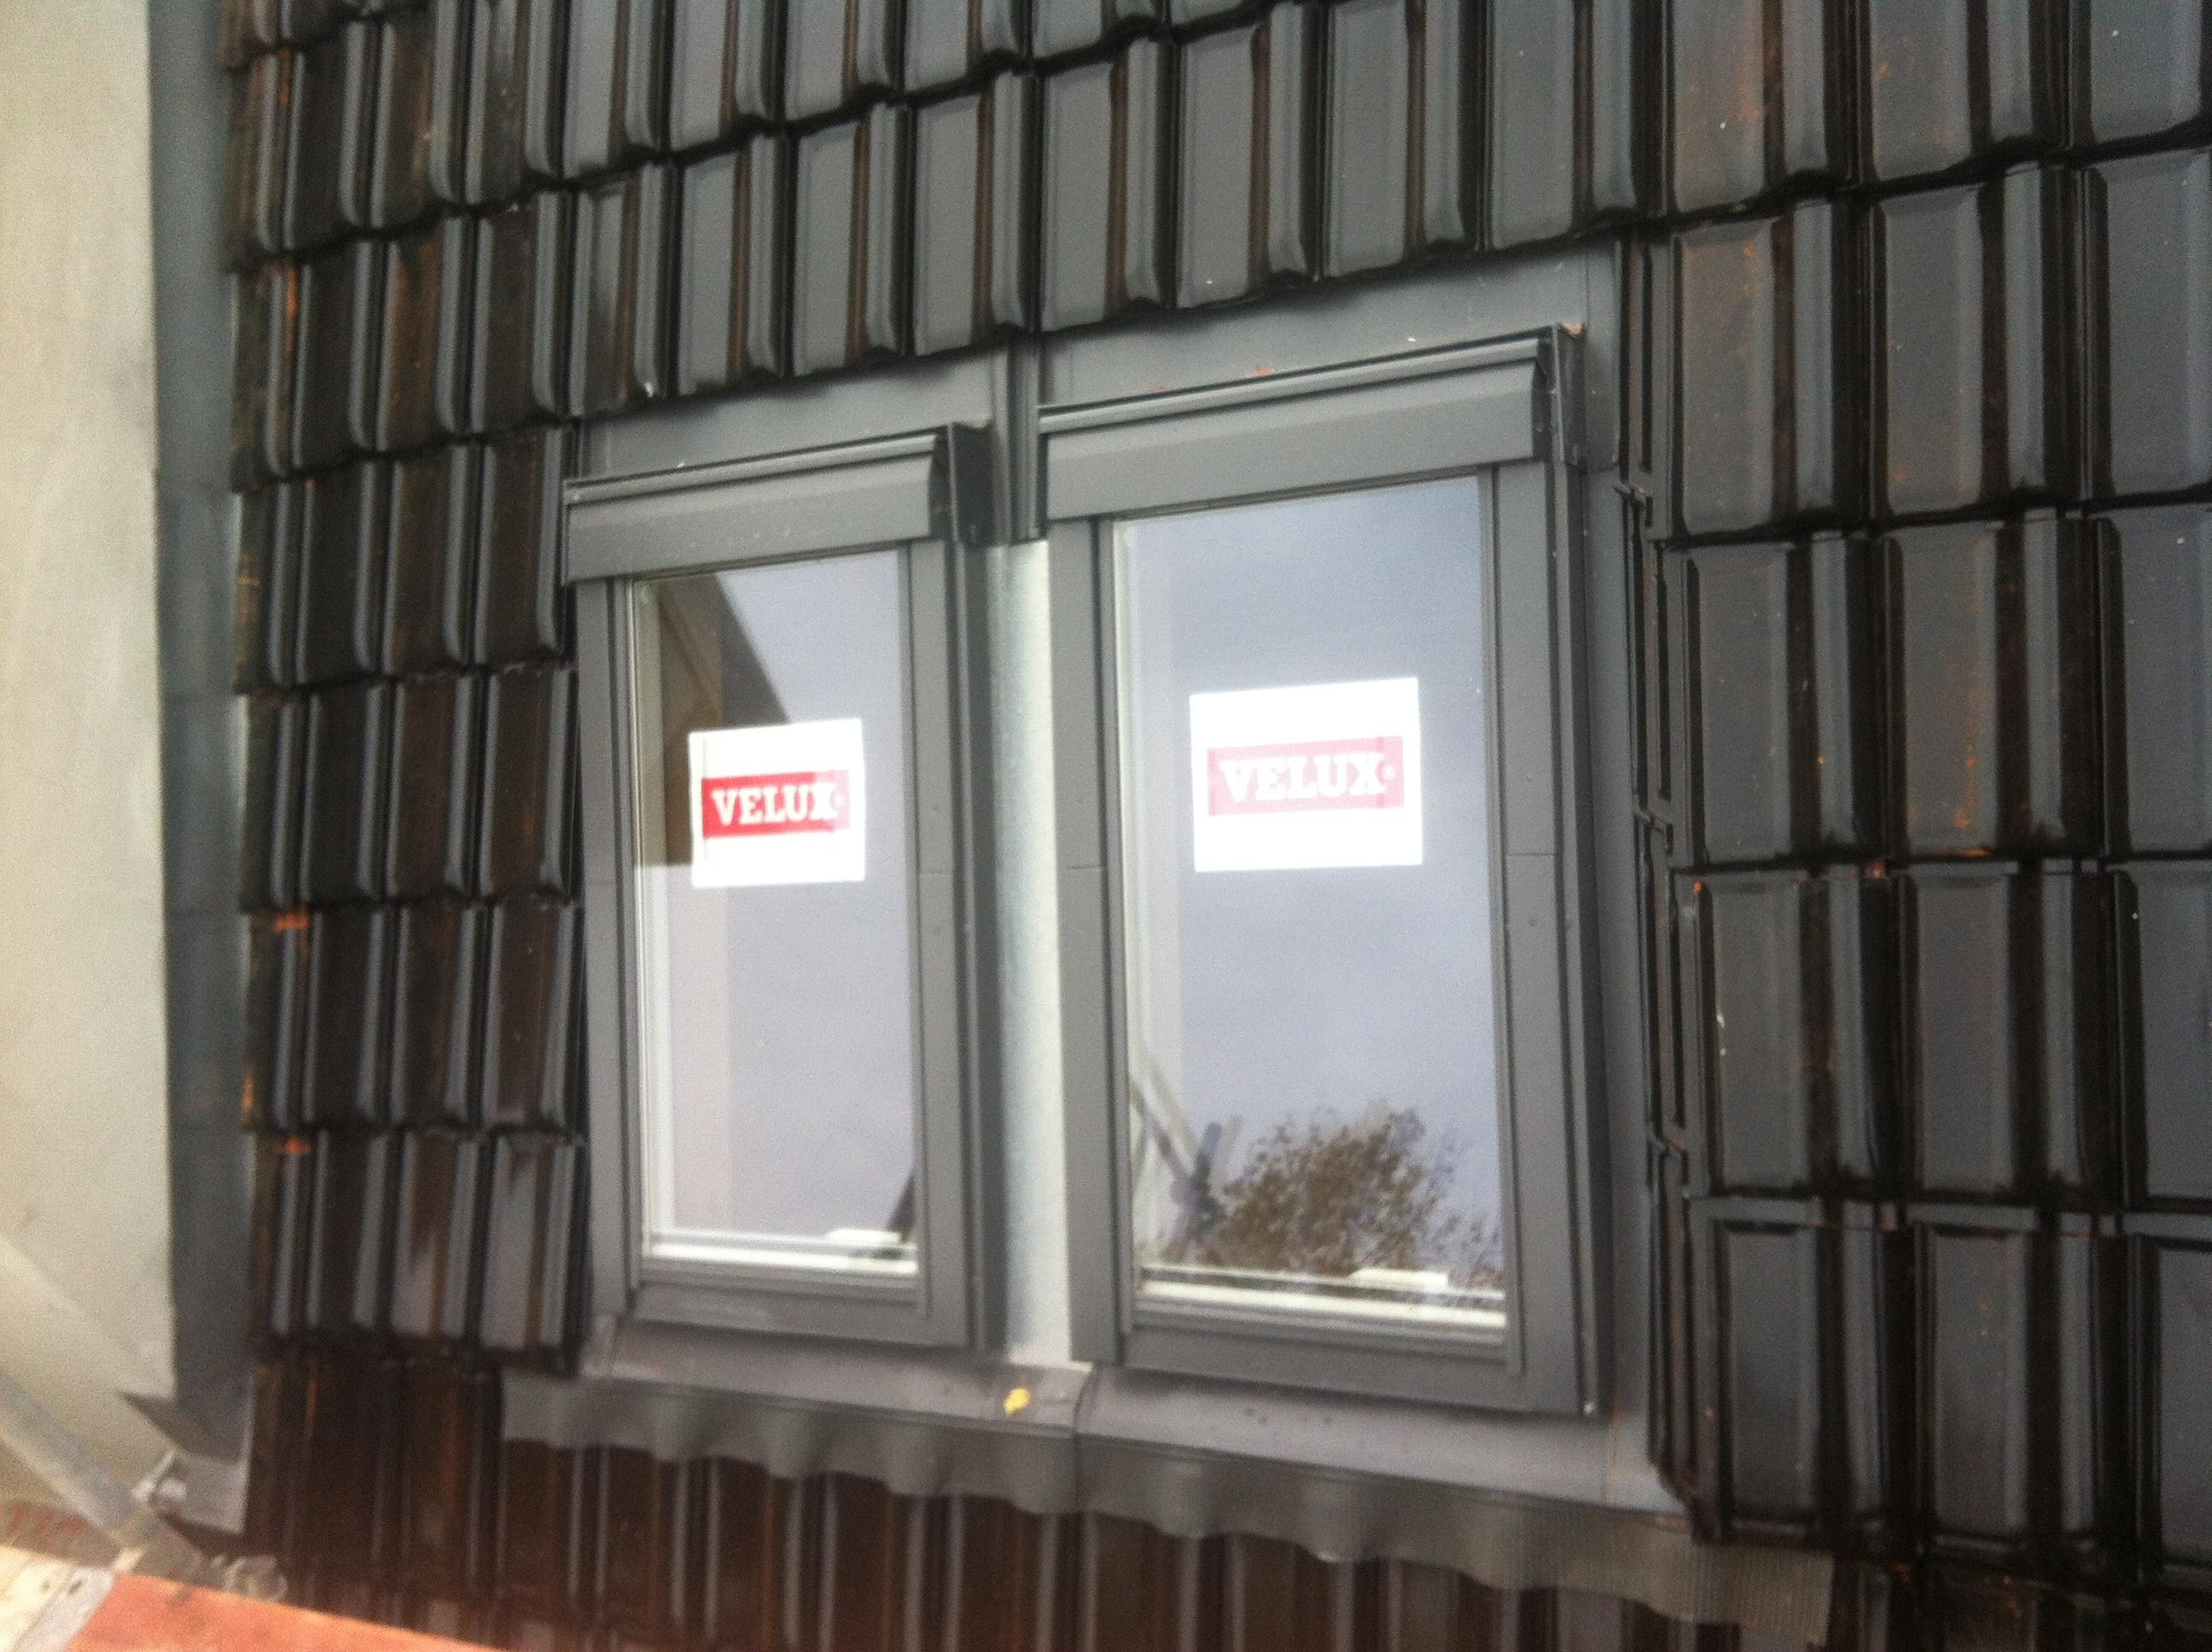 Veluxfenster.JPG